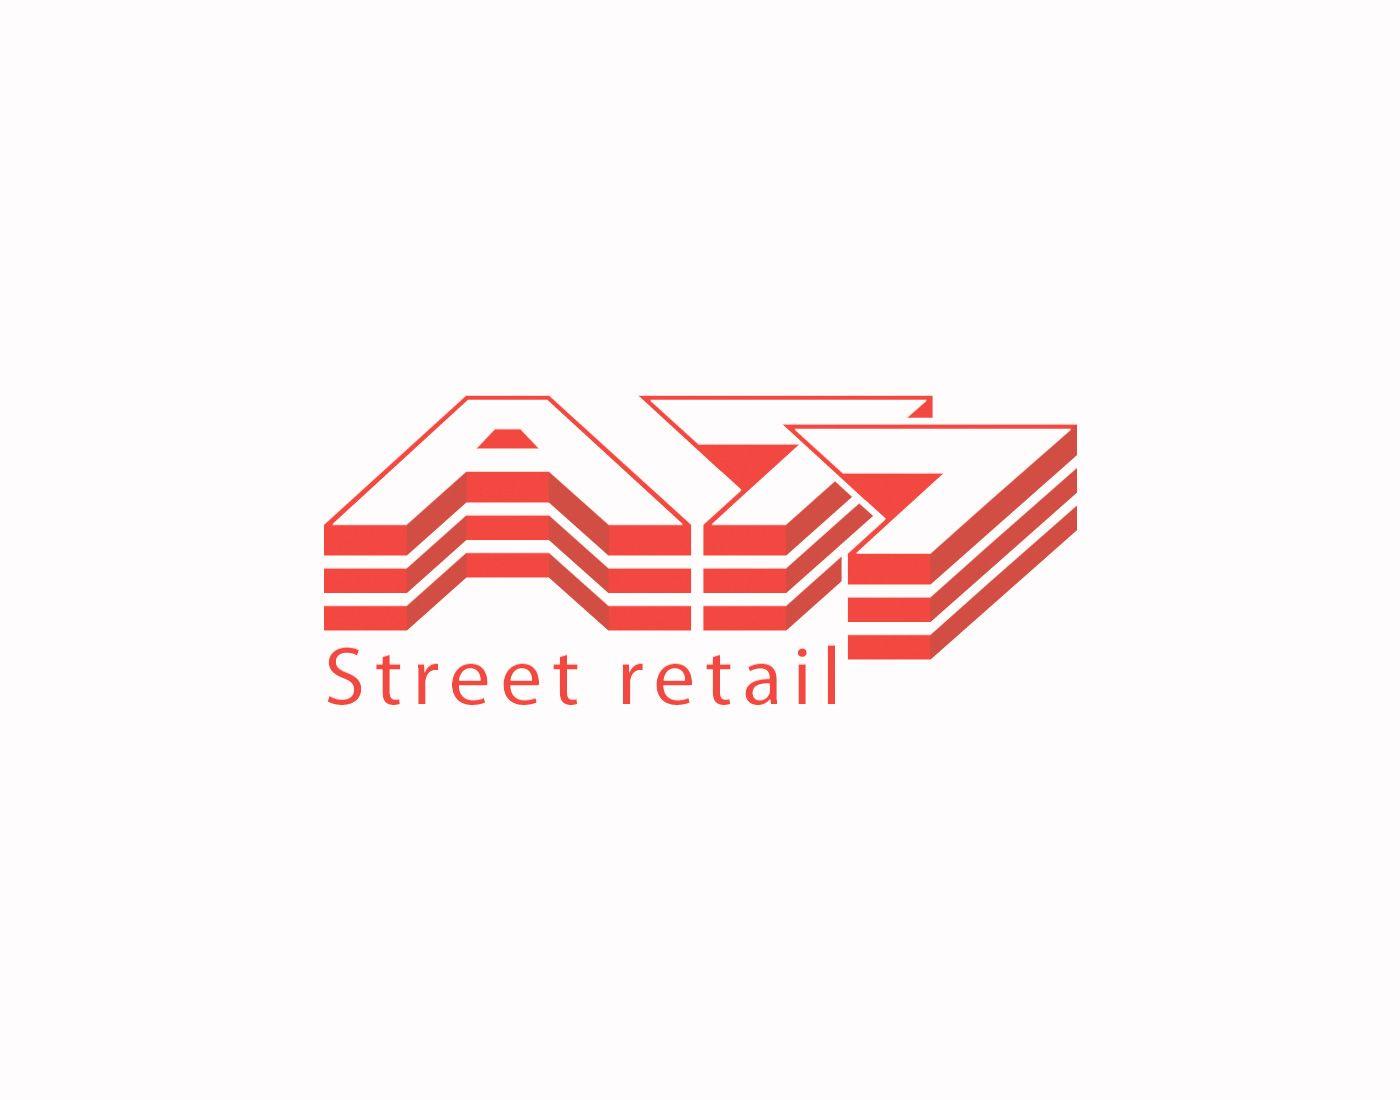 Лого для сайта по коммерческой недвижимости A77.RU - дизайнер flaffi555